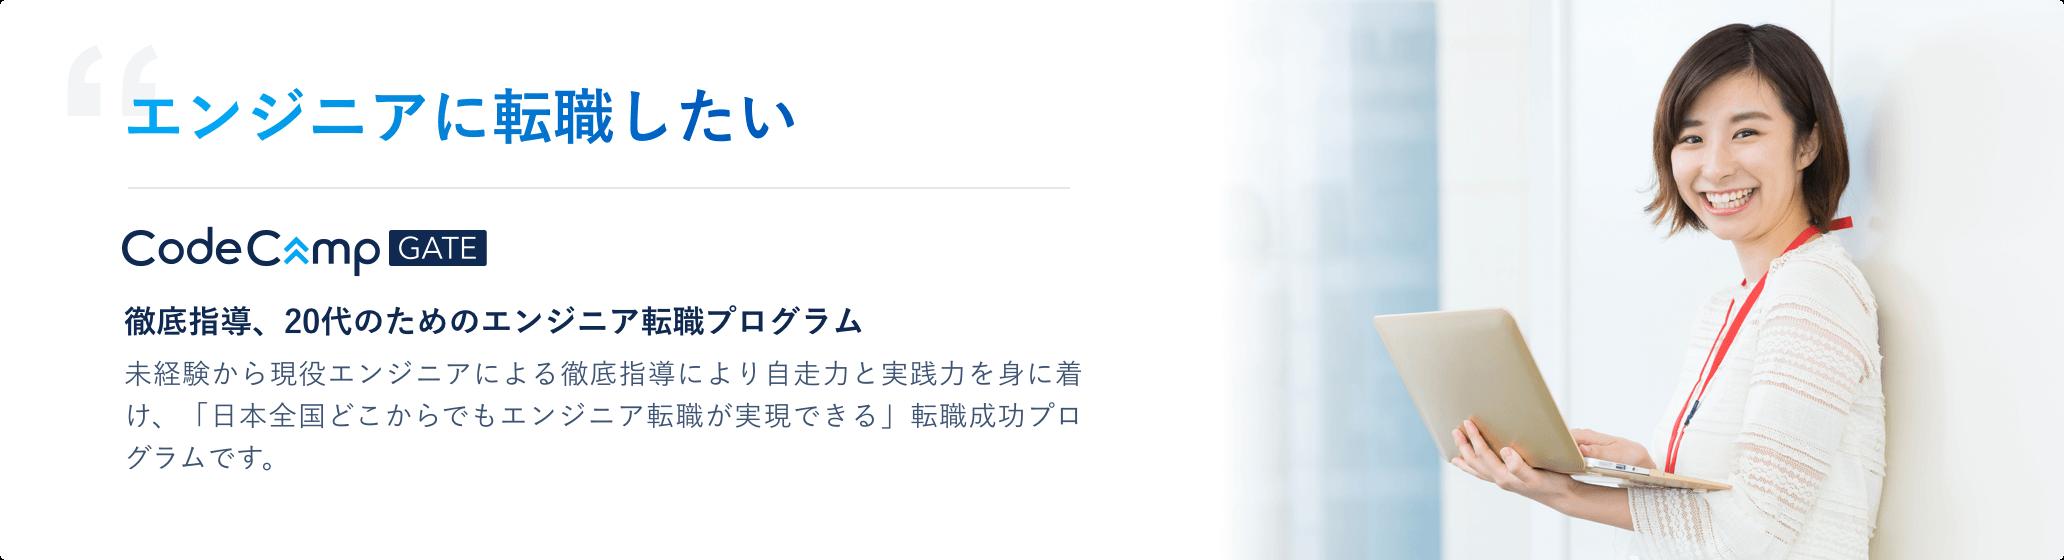 【エンジニア転向】未経験から現役エンジニアによる徹底指導により自走力と実践力を身に着け、「日本全国どこからでもエンジニア転職が実現できる」転職成功プログラムです。